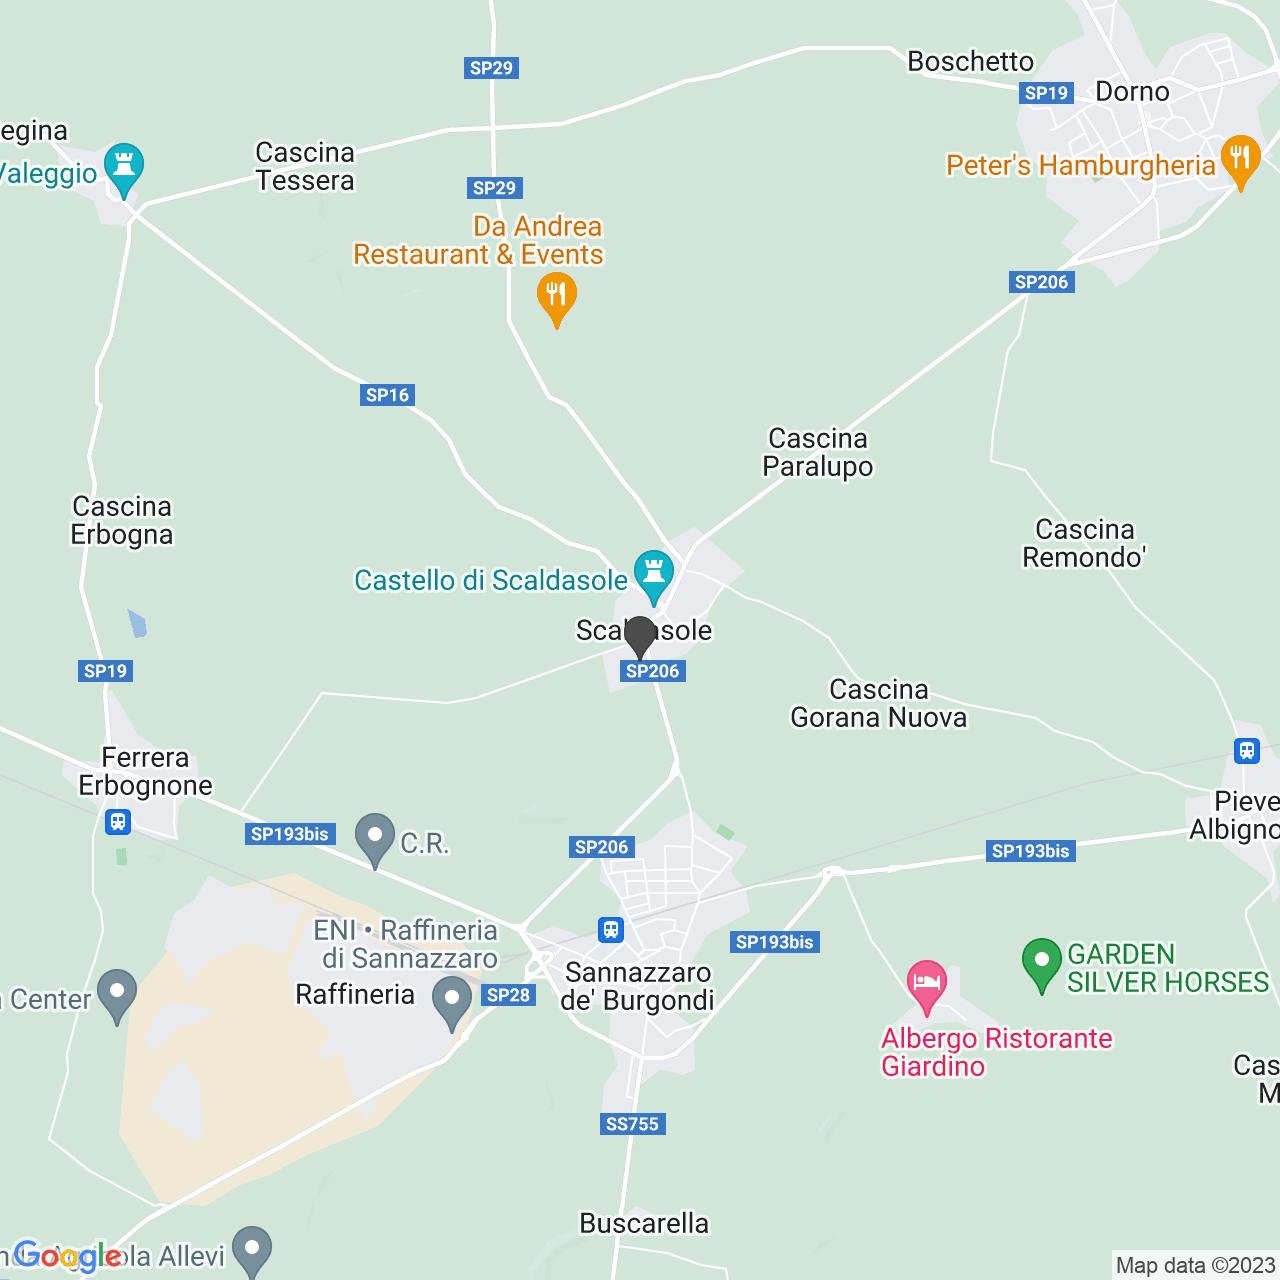 CASA DI RIPOSO SAN GIUSEPPE - FONDAZIONE GIOVANNI BISCALDI, ANGELO LUNGHI, PANIGATTI DON GIUSEPPE - ONLUS